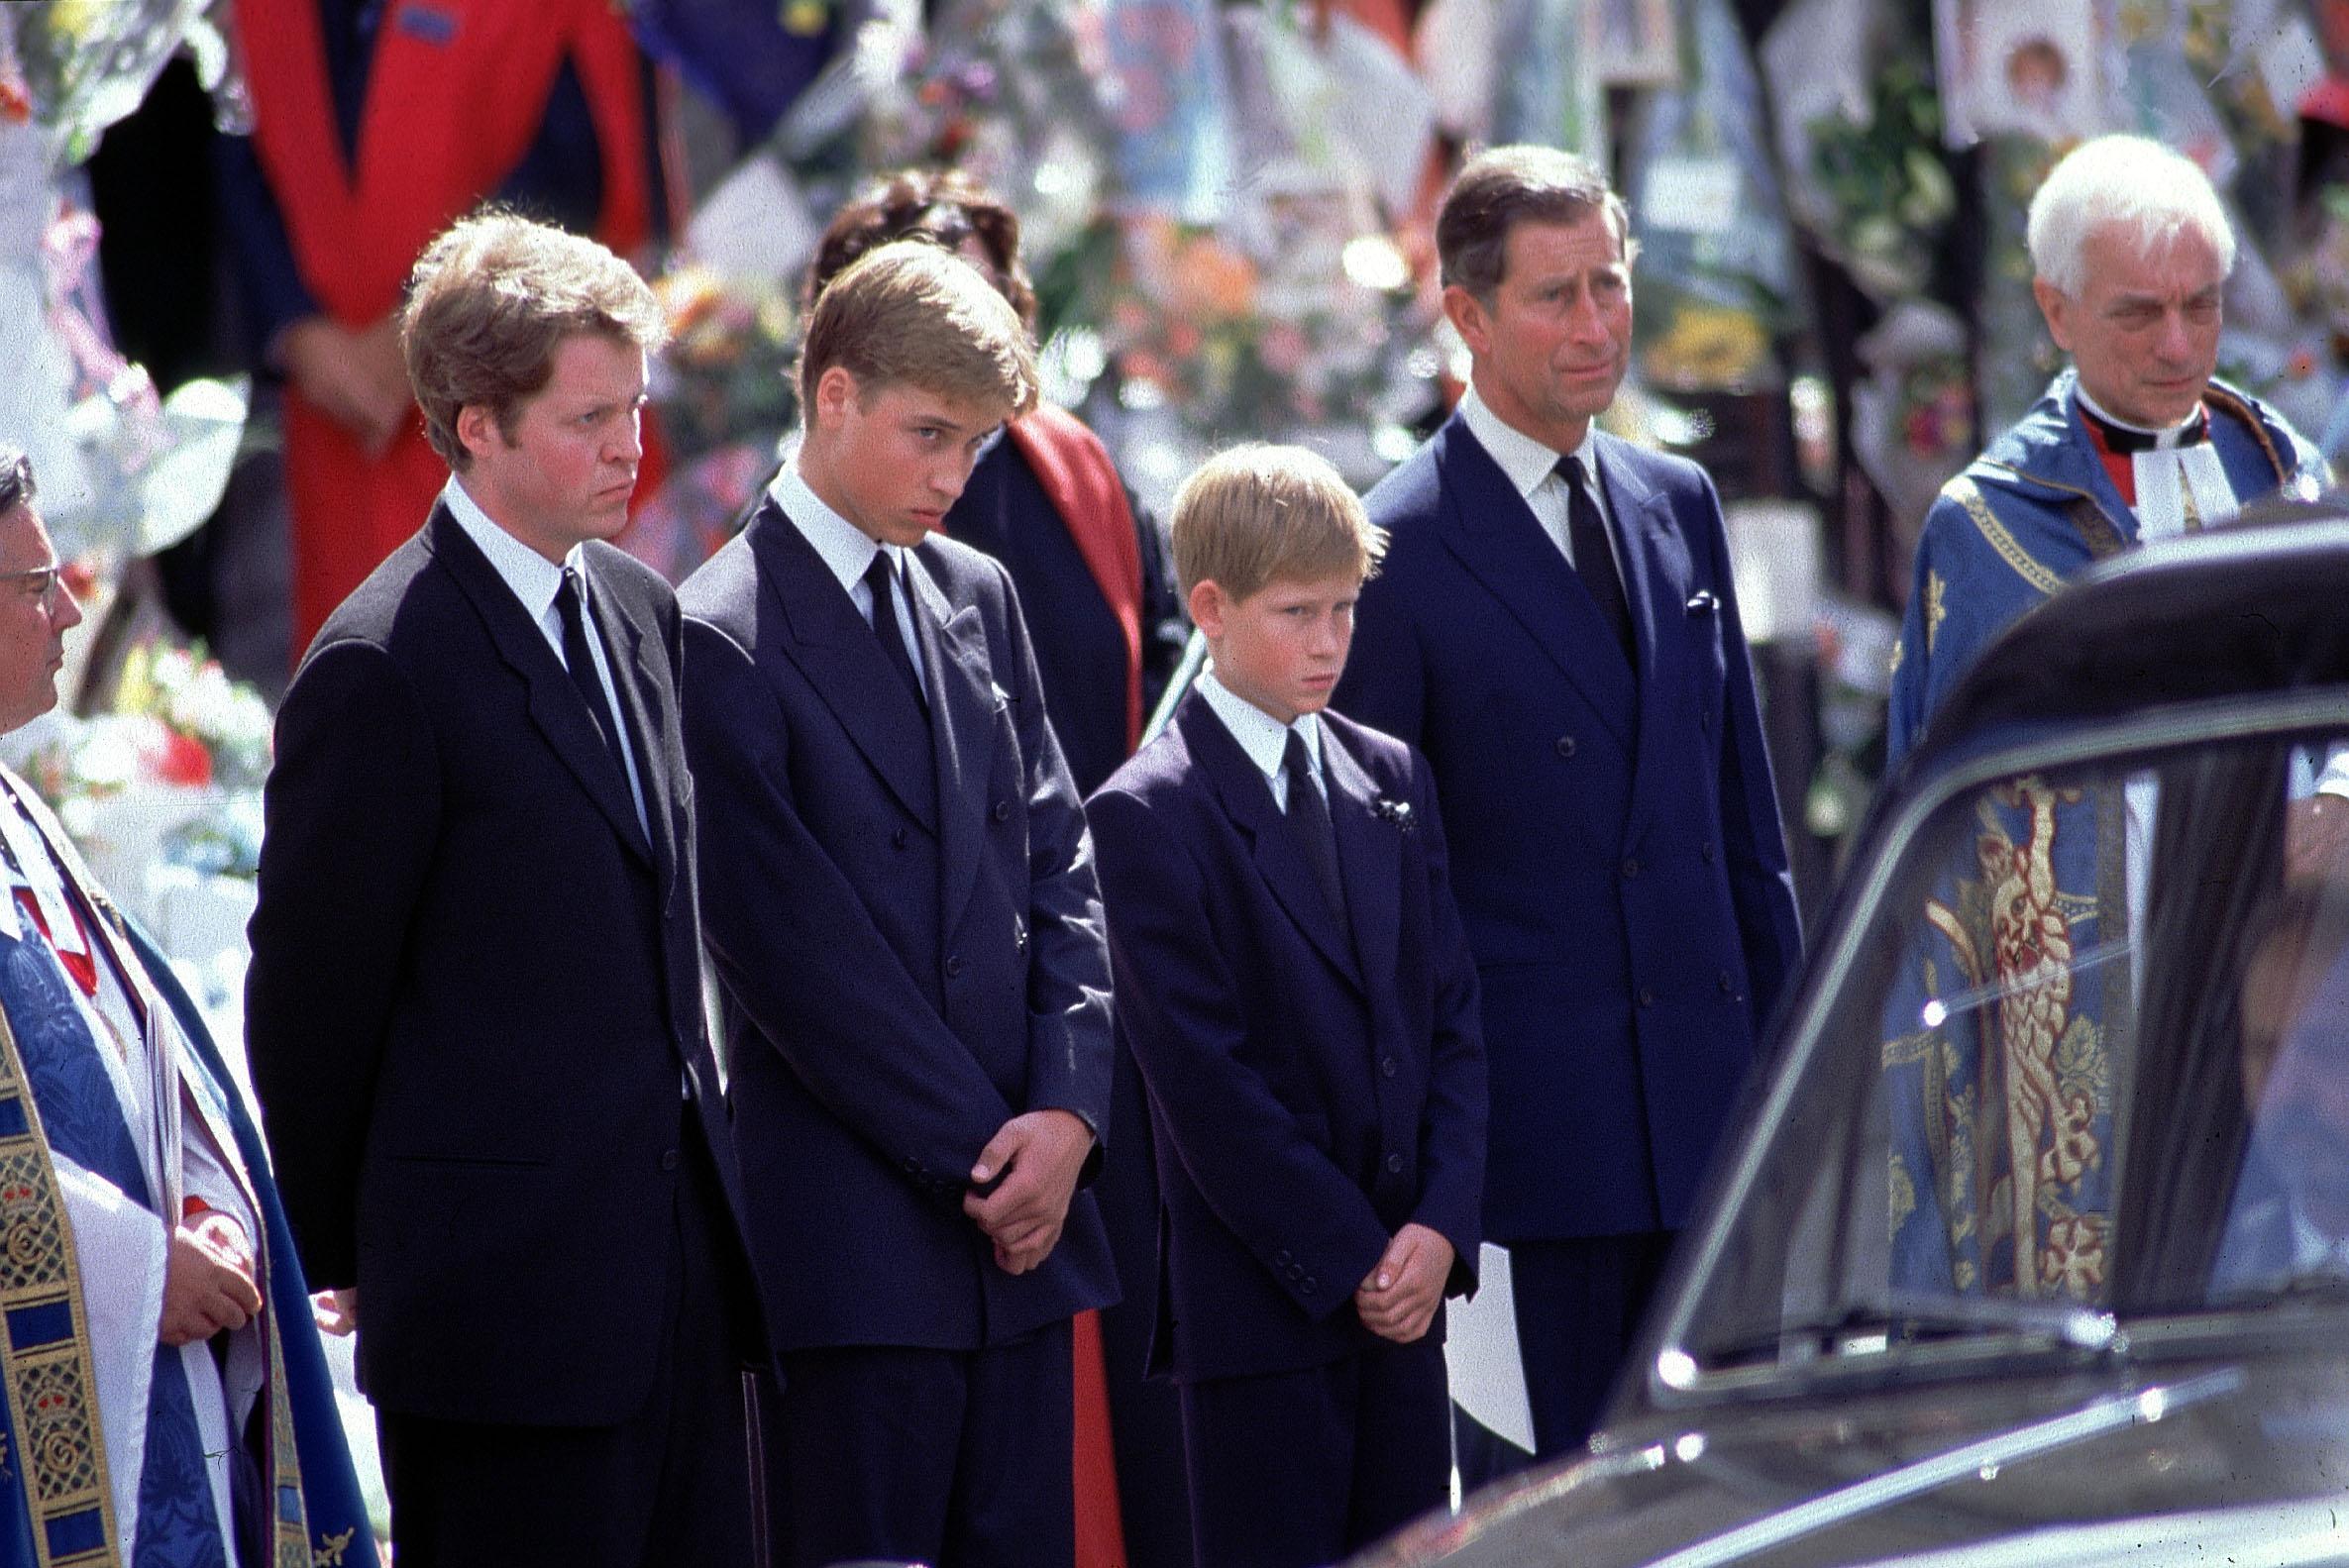 Le Prince William et le Prince Harry avec leur père le Prince Charles et leur oncle Charles Spencer aux funérailles de la Princesse Diana.